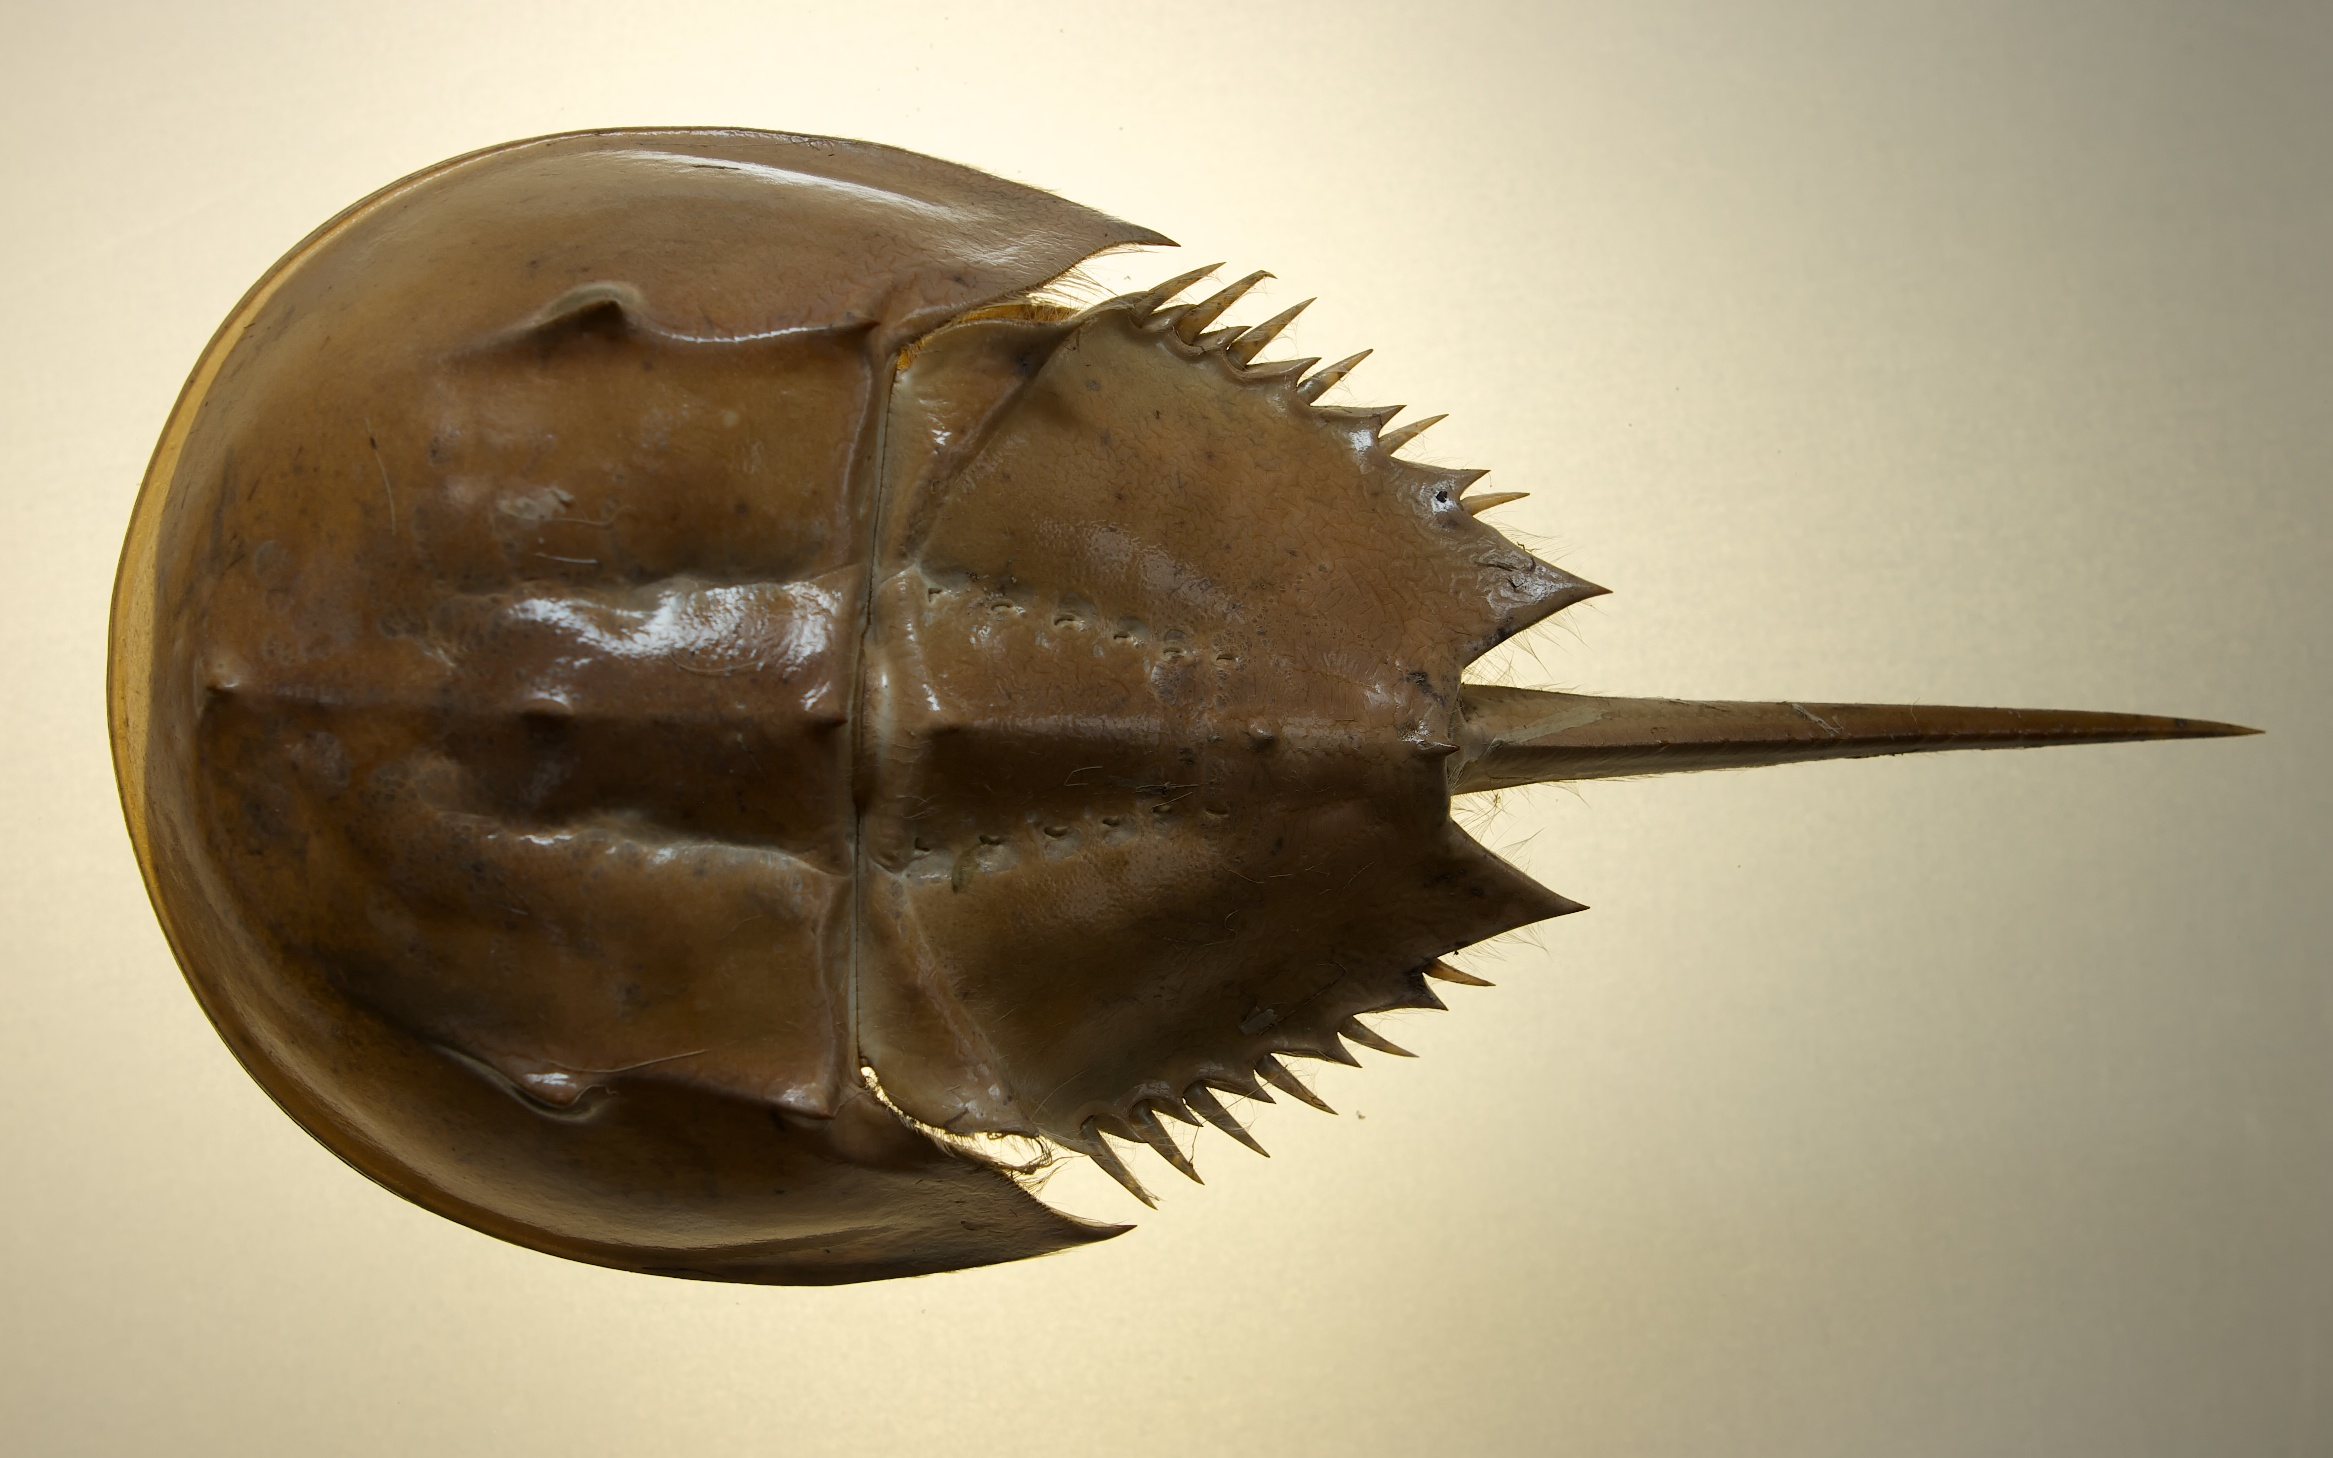 Horseshoe Crab Study | Snapshots For Sore Eyes